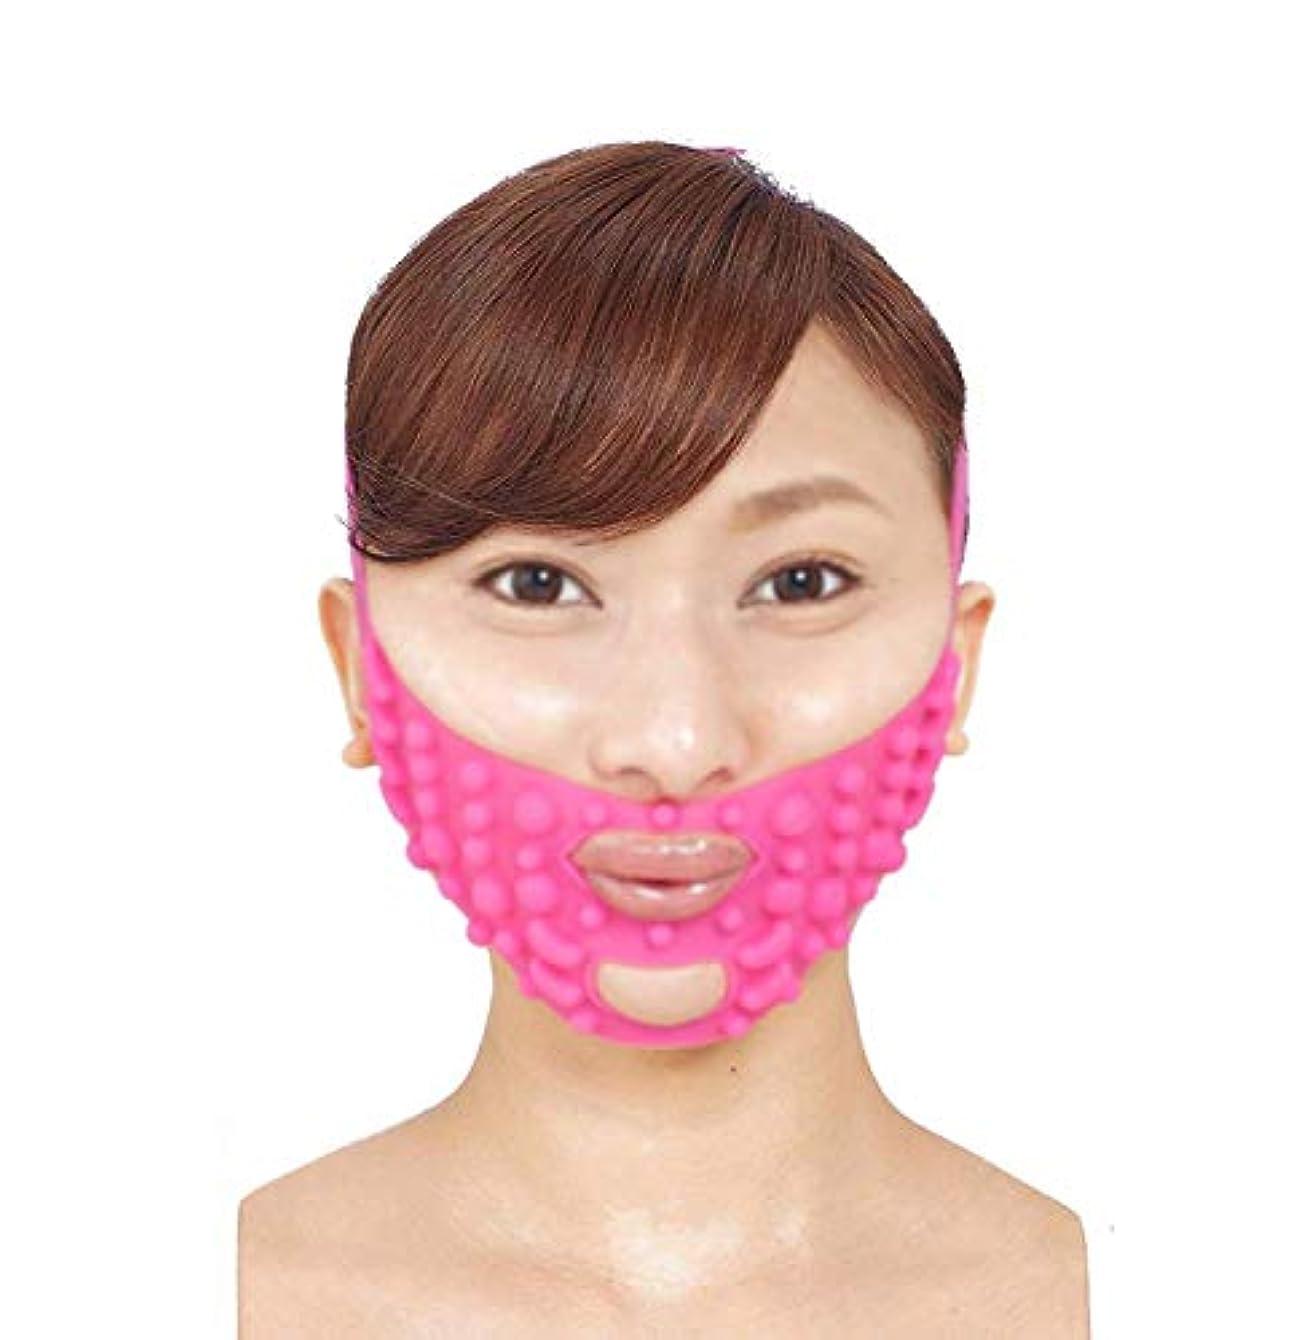 小道比類なき嘆くフェイシャルマスク、フェイスリフティングアーティファクトフェイスマスク垂れ顔SサイズVフェイス包帯通気性スリーピングフェイスダブルチンチンセットスリープ弾性スリミングベルト